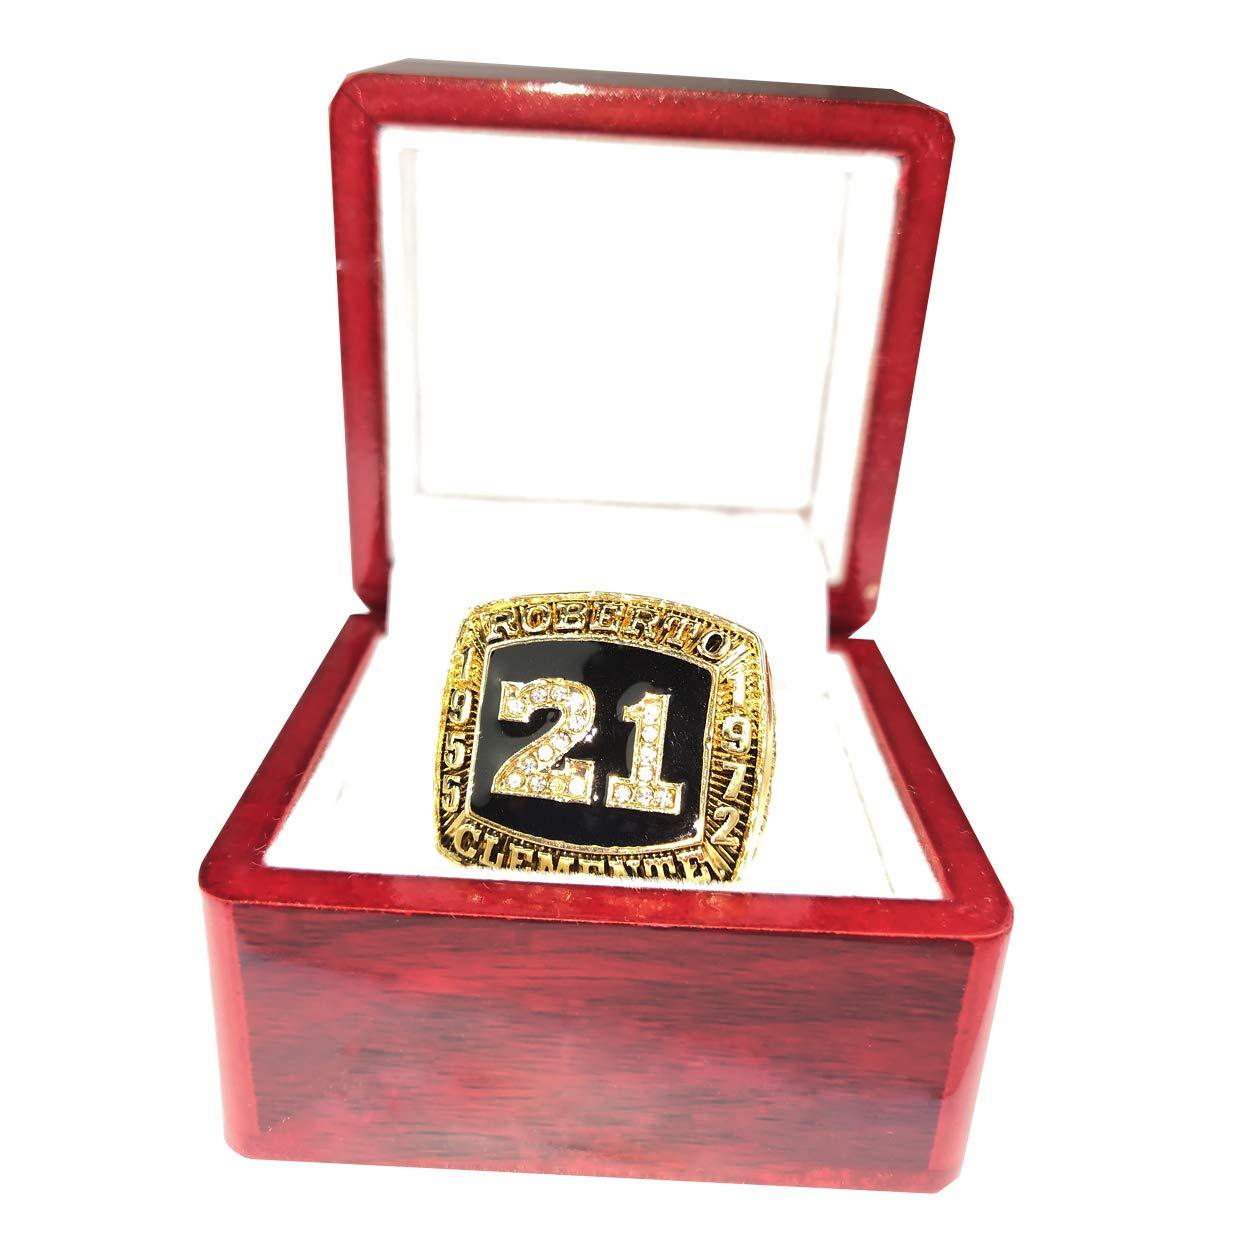 人気満点 RongJ- store Robert Clemente 1955~1972年 Robert バスケットボール リング チャンピオンシップ リング チェリーウッド Clemente ディスプレイケース B07JGV4JGD, 贈り物:22f48a67 --- beyonddefeat.com